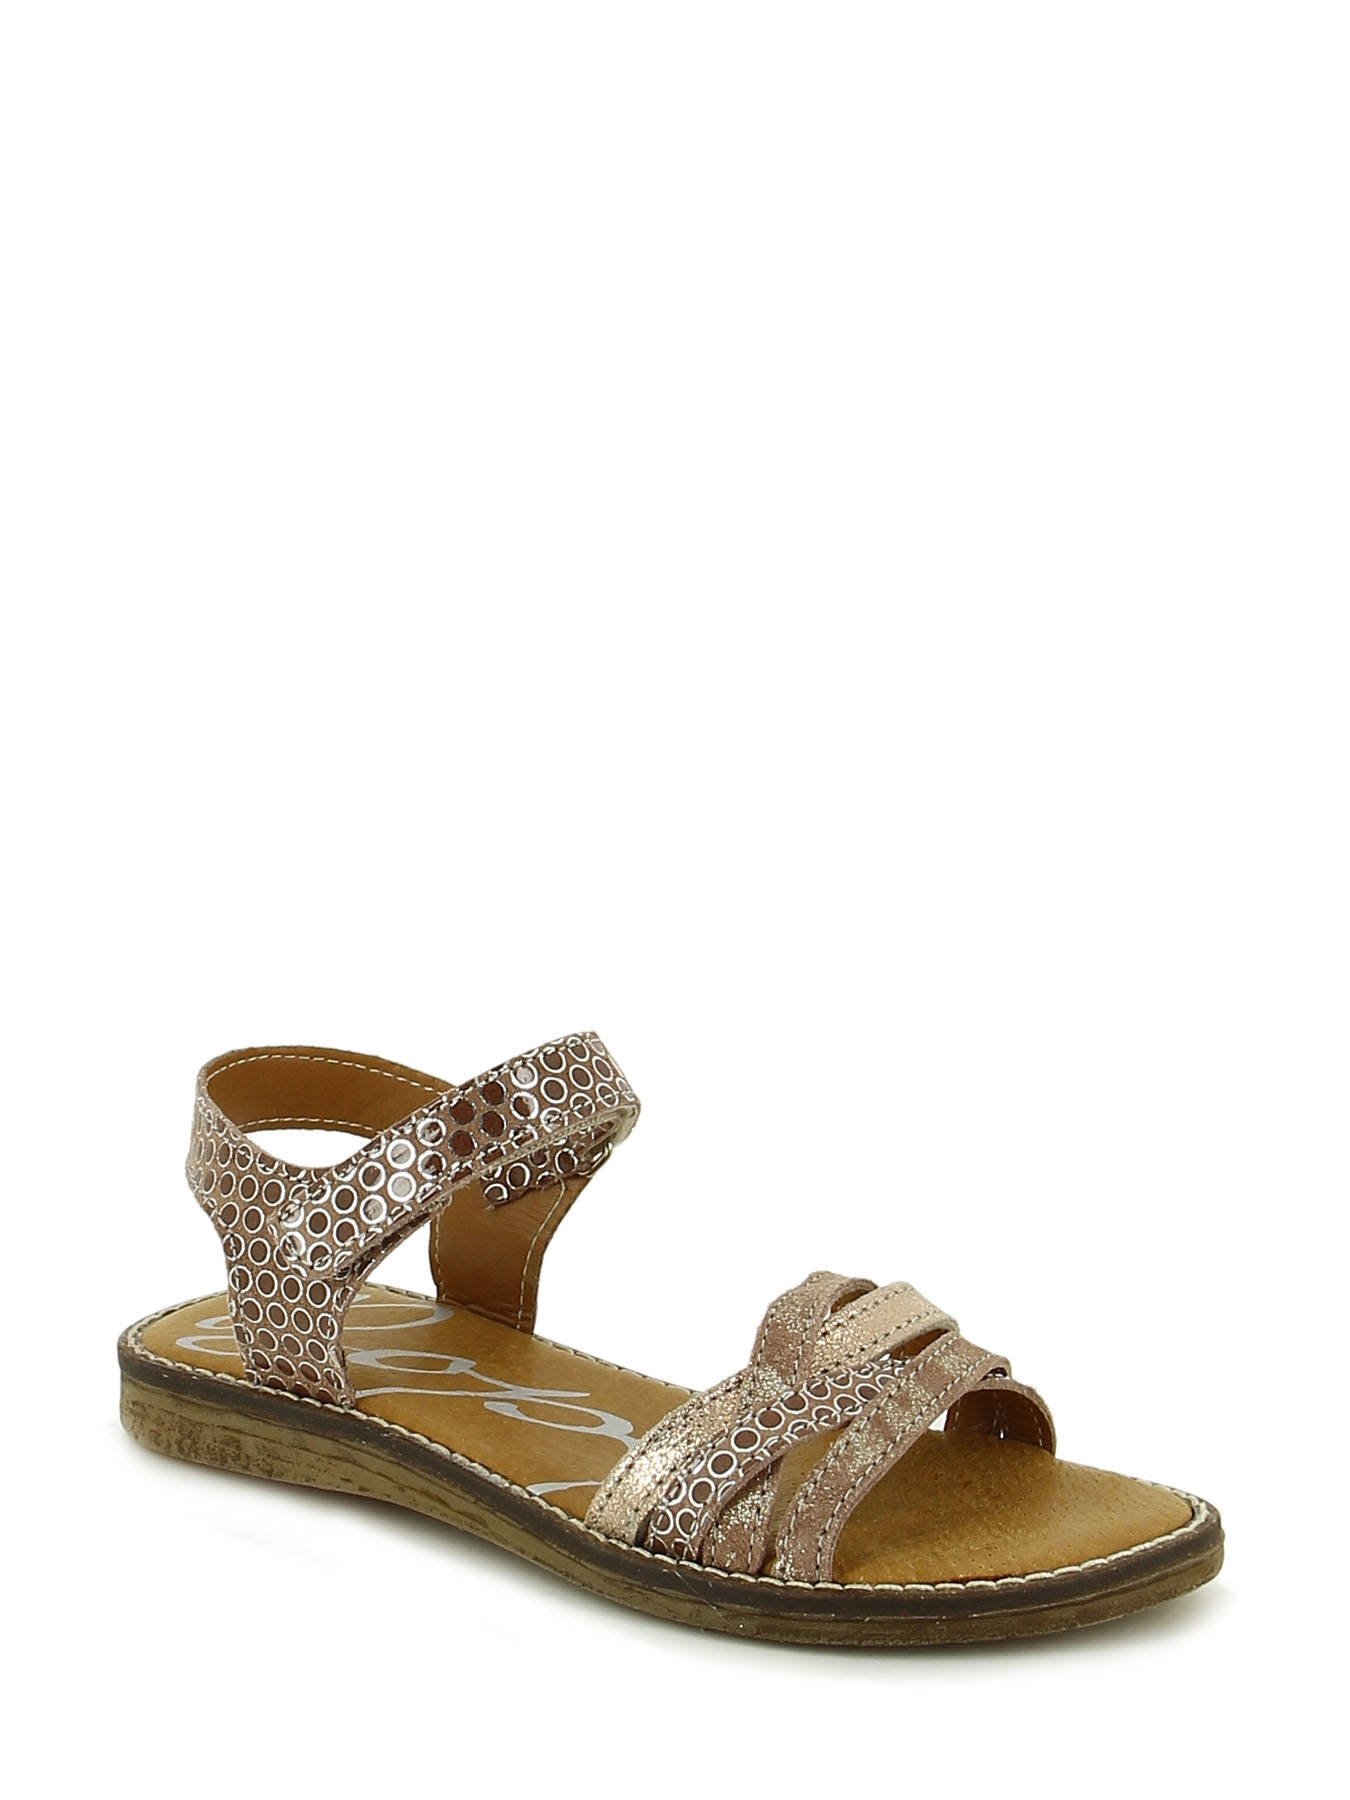 Bopy Sandals Sandales Nu Pieds Best Prices